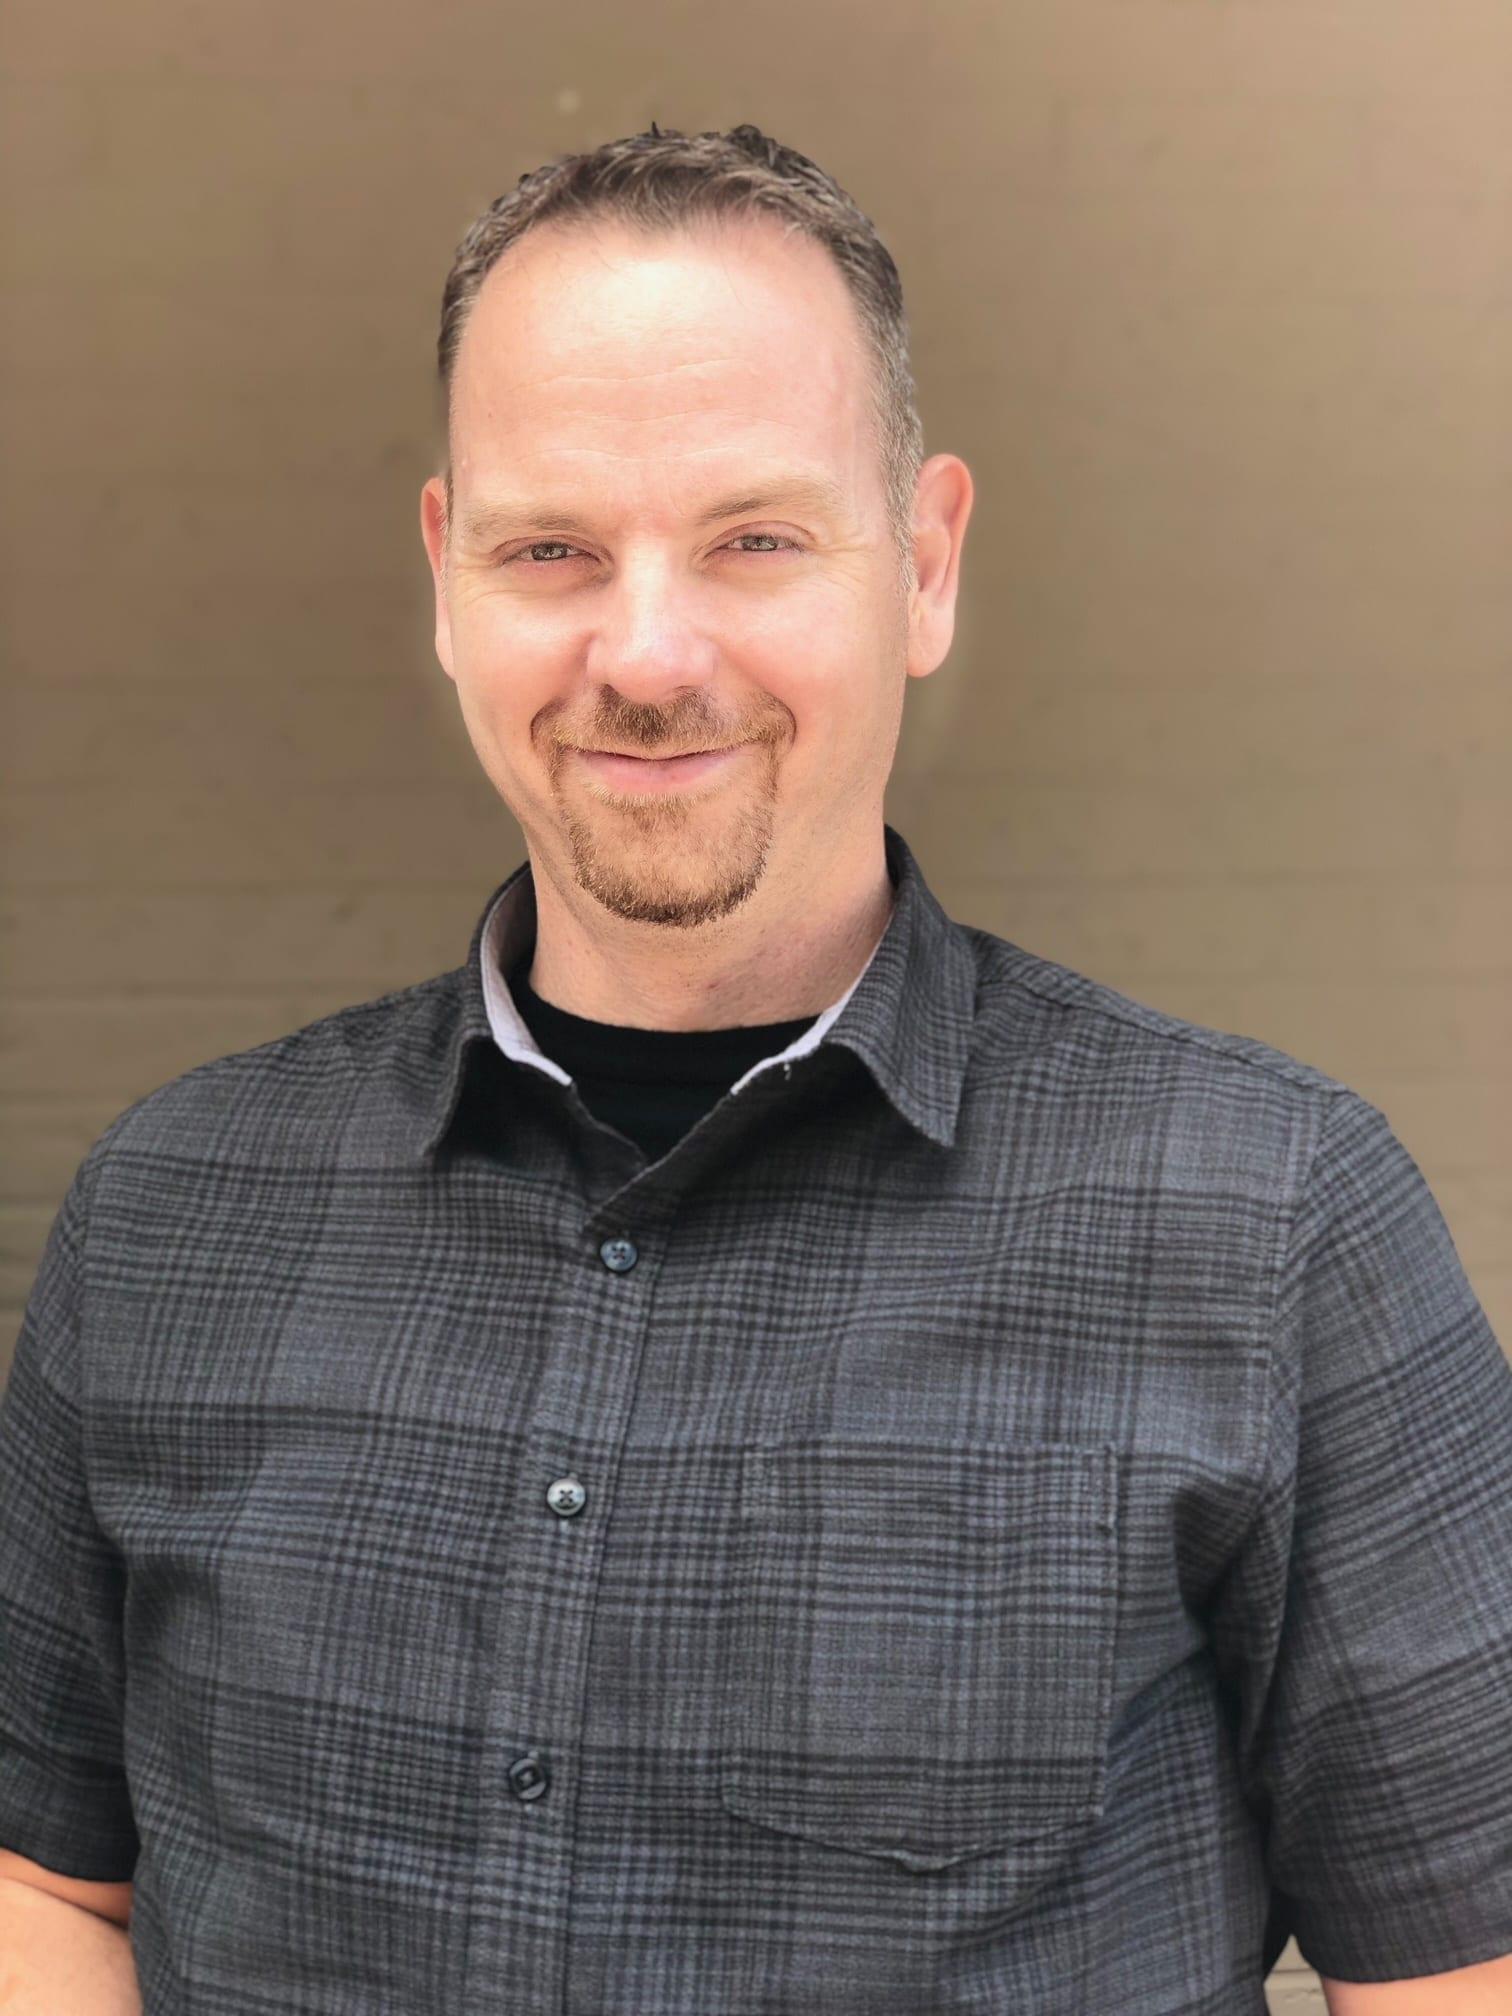 Mark Sheldrake